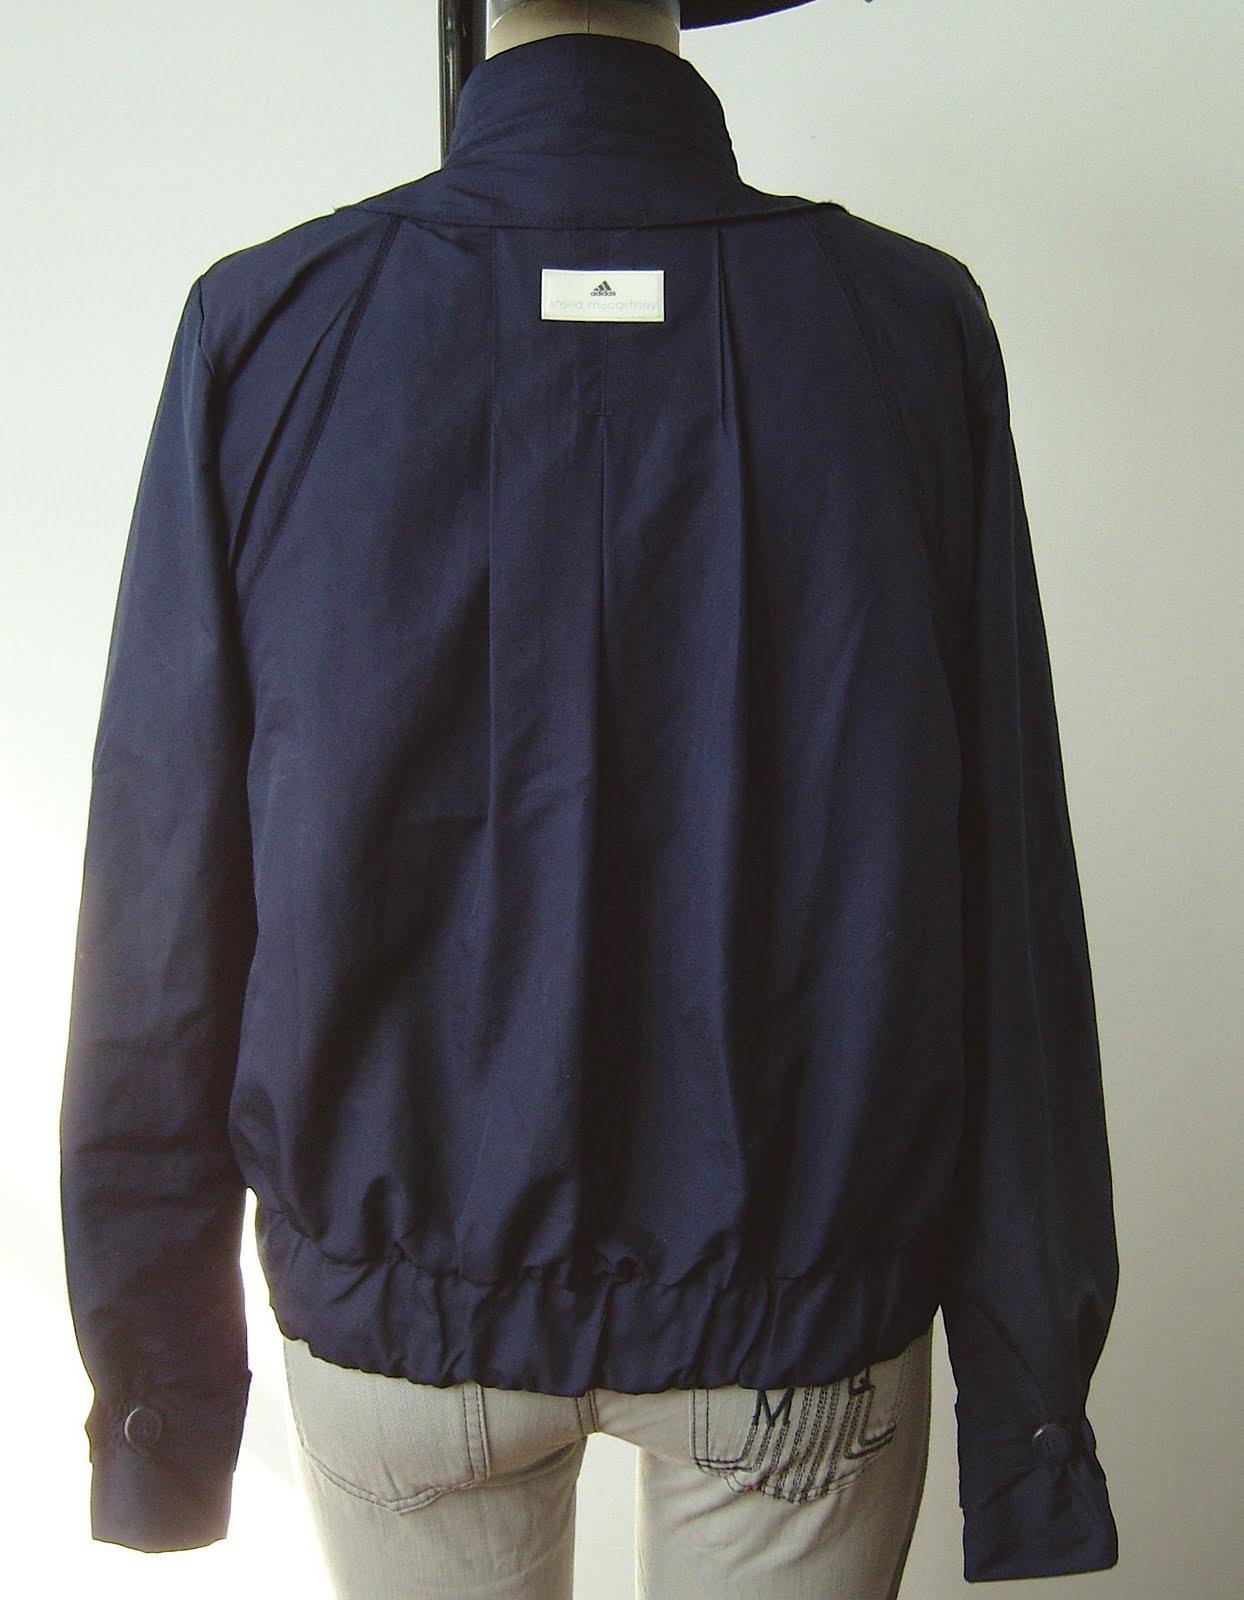 http://4.bp.blogspot.com/_YUGmLz19Zn8/S8Je8JtrzzI/AAAAAAAAAaw/OOYSEGCOpCc/s1600/adidas-stella-mccartney-jacket-bk.jpg